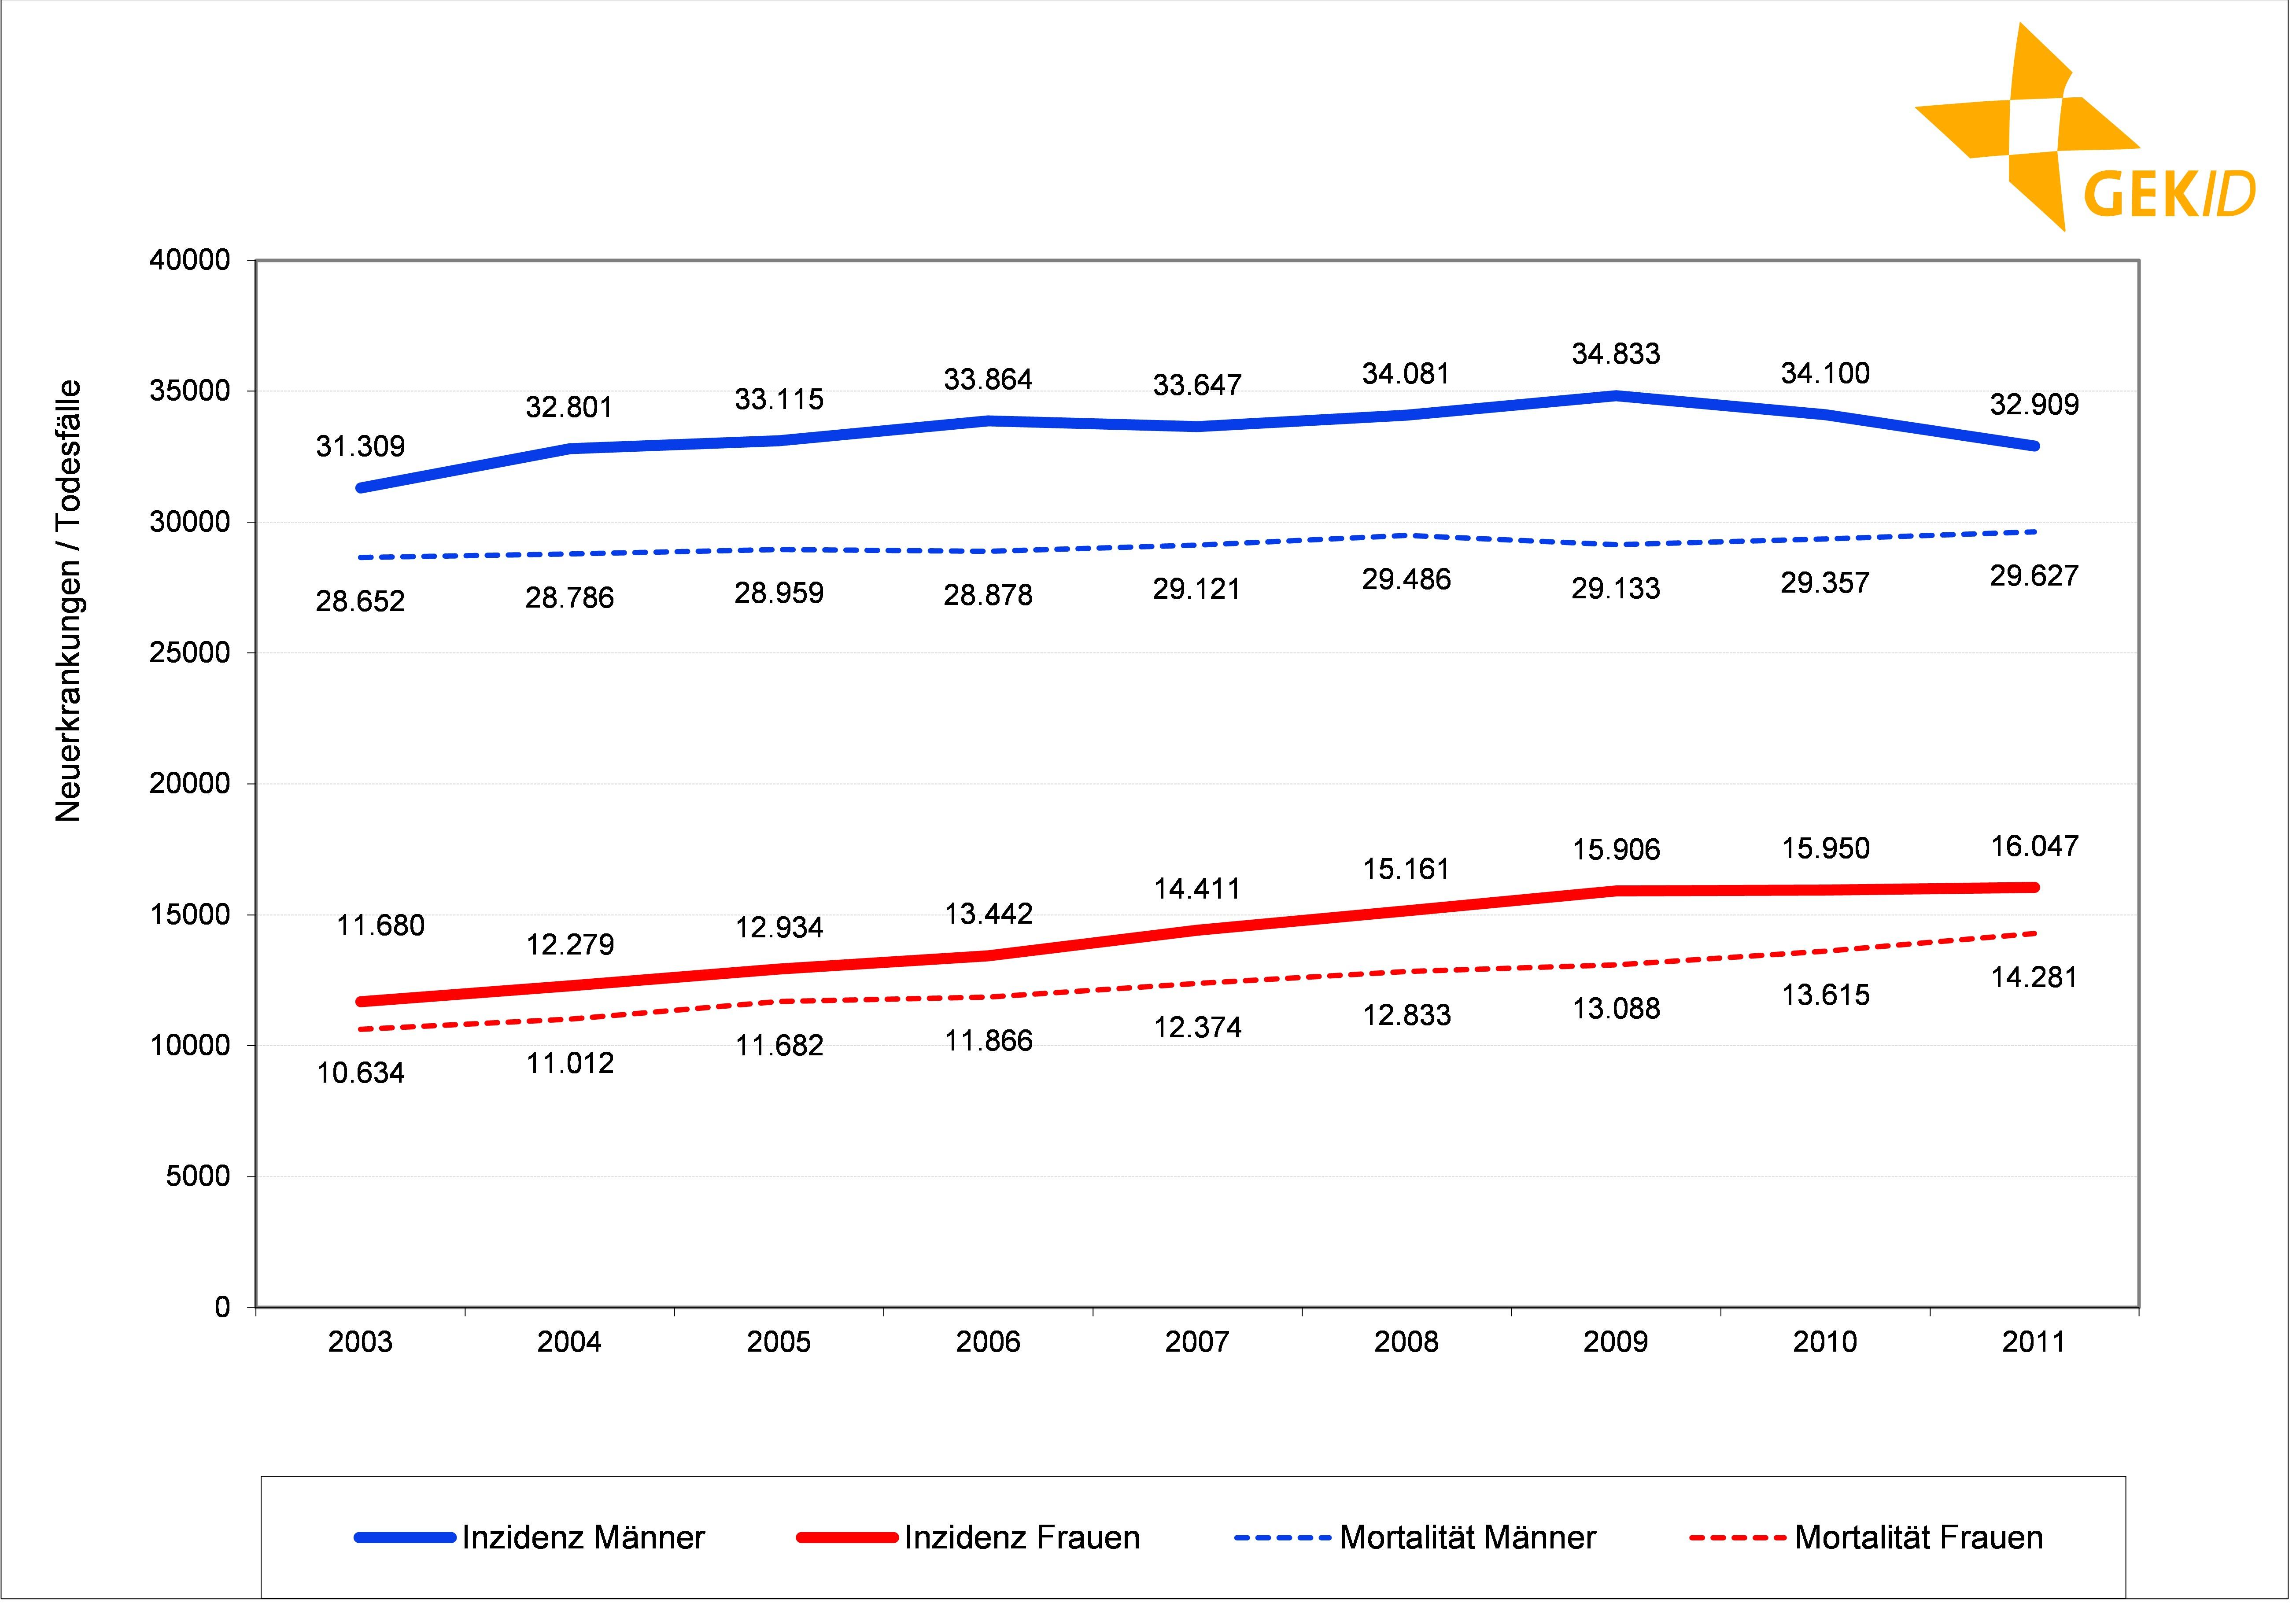 Inzidenz und Mortalität des Lungenkarzinoms in Deutschland (Neuerkrankungen/Todesfälle)